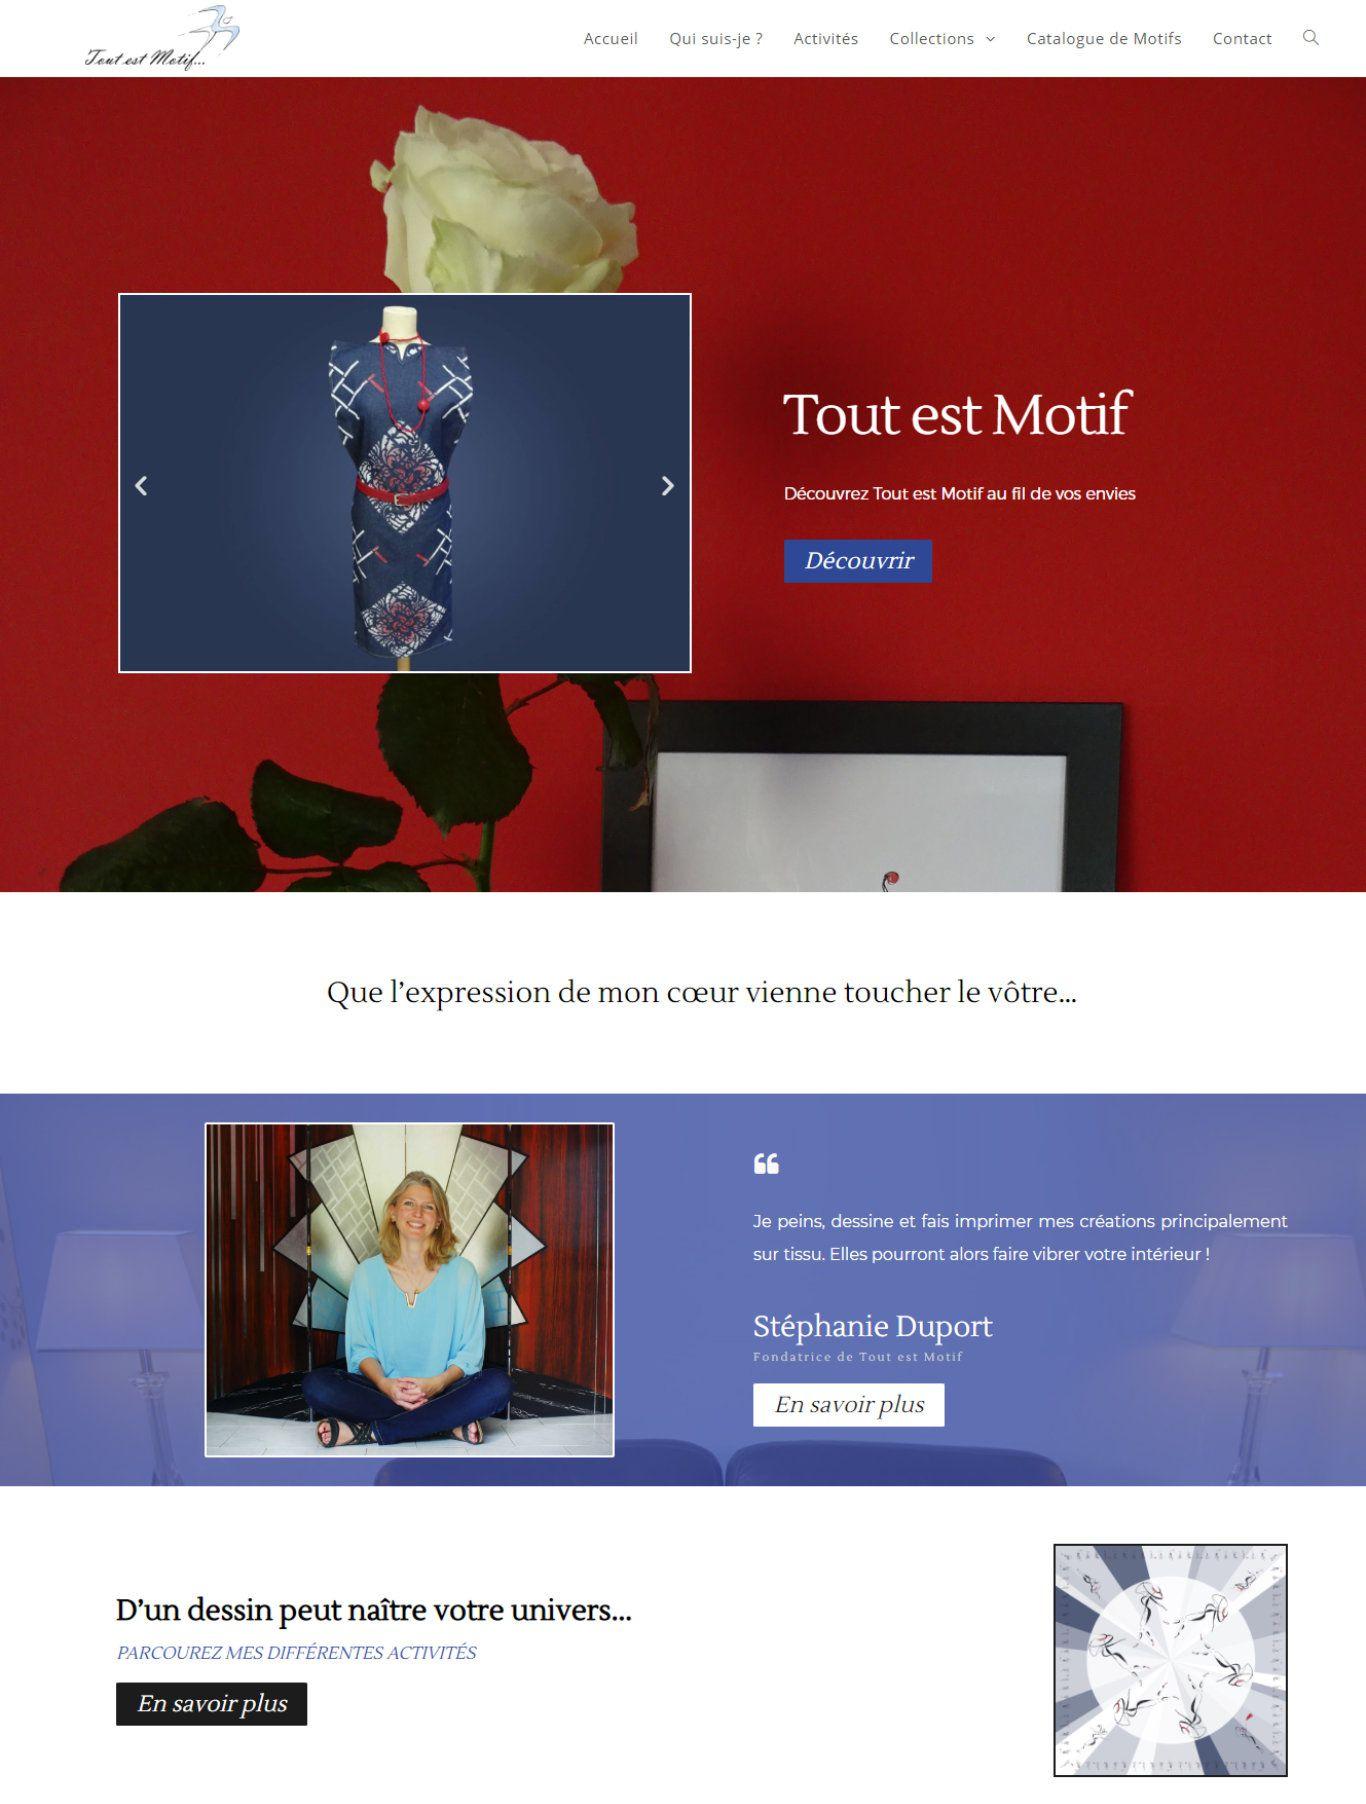 accueil_présentation_page_site_internet_tout_est_motifs_light